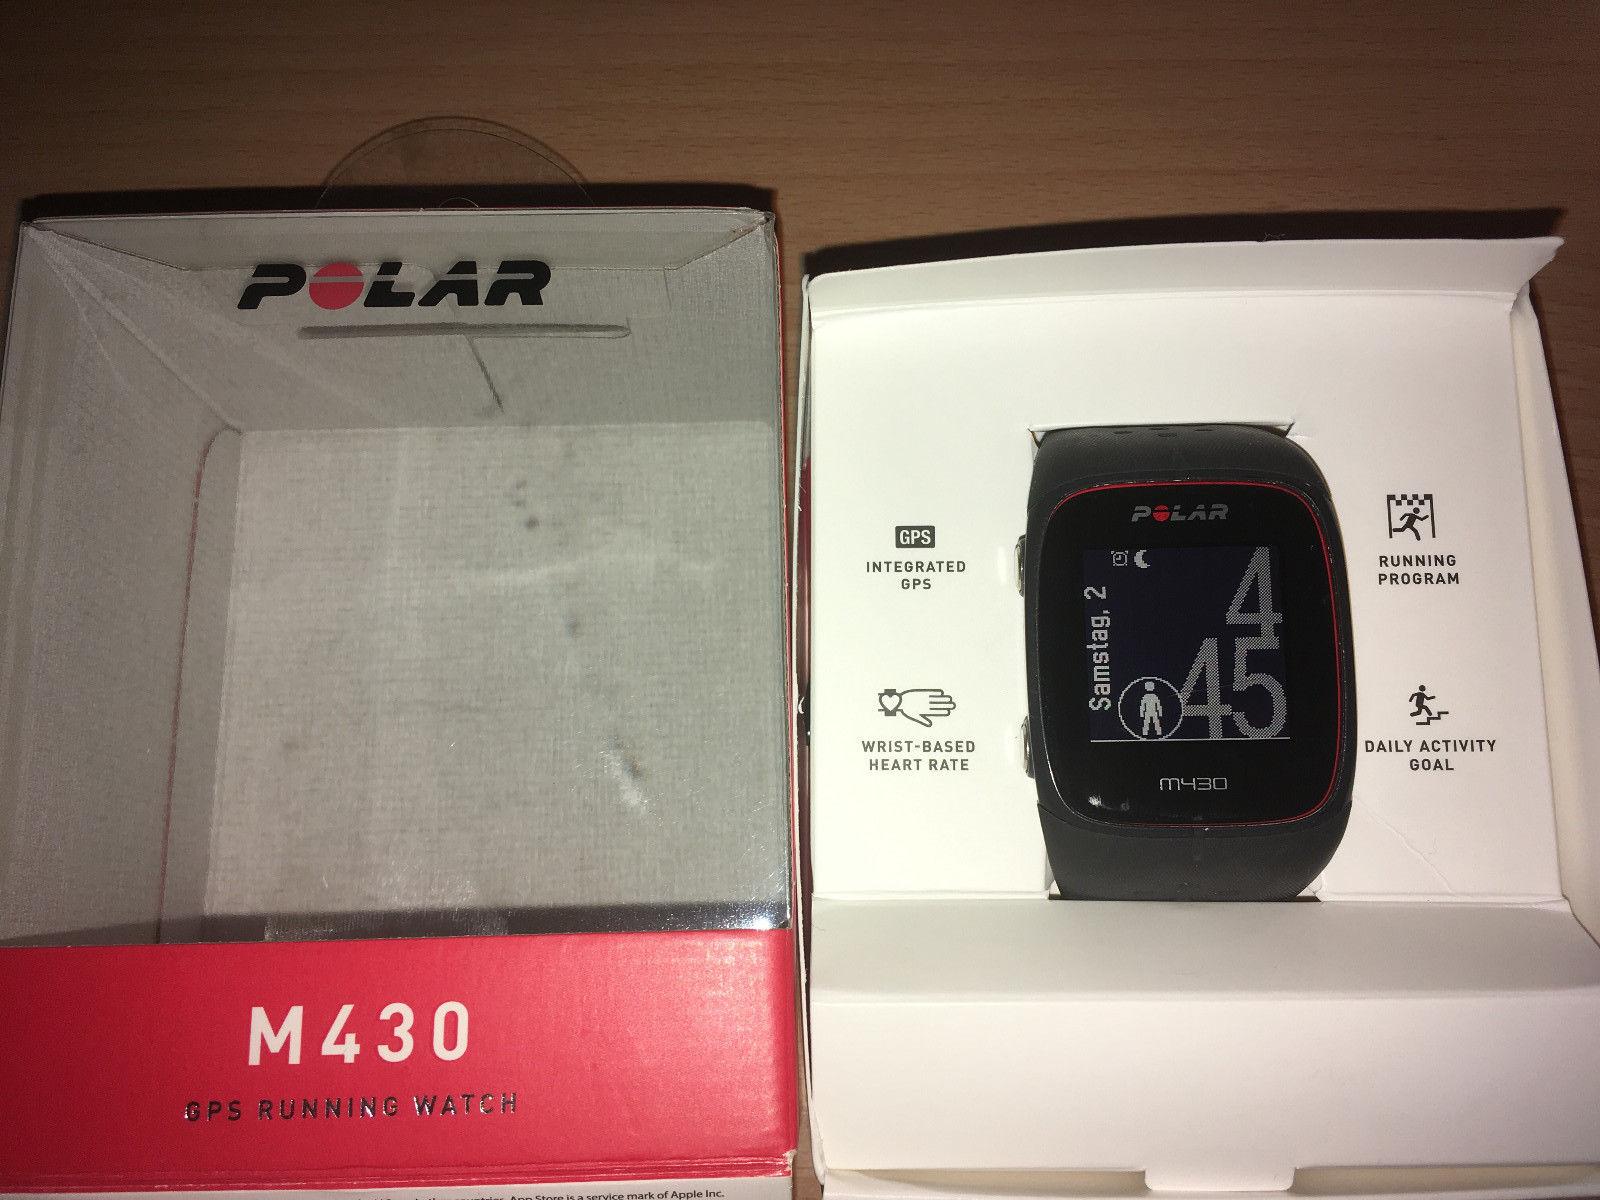 Polar M430, grau/schwarz, 100%ig in Ordnung